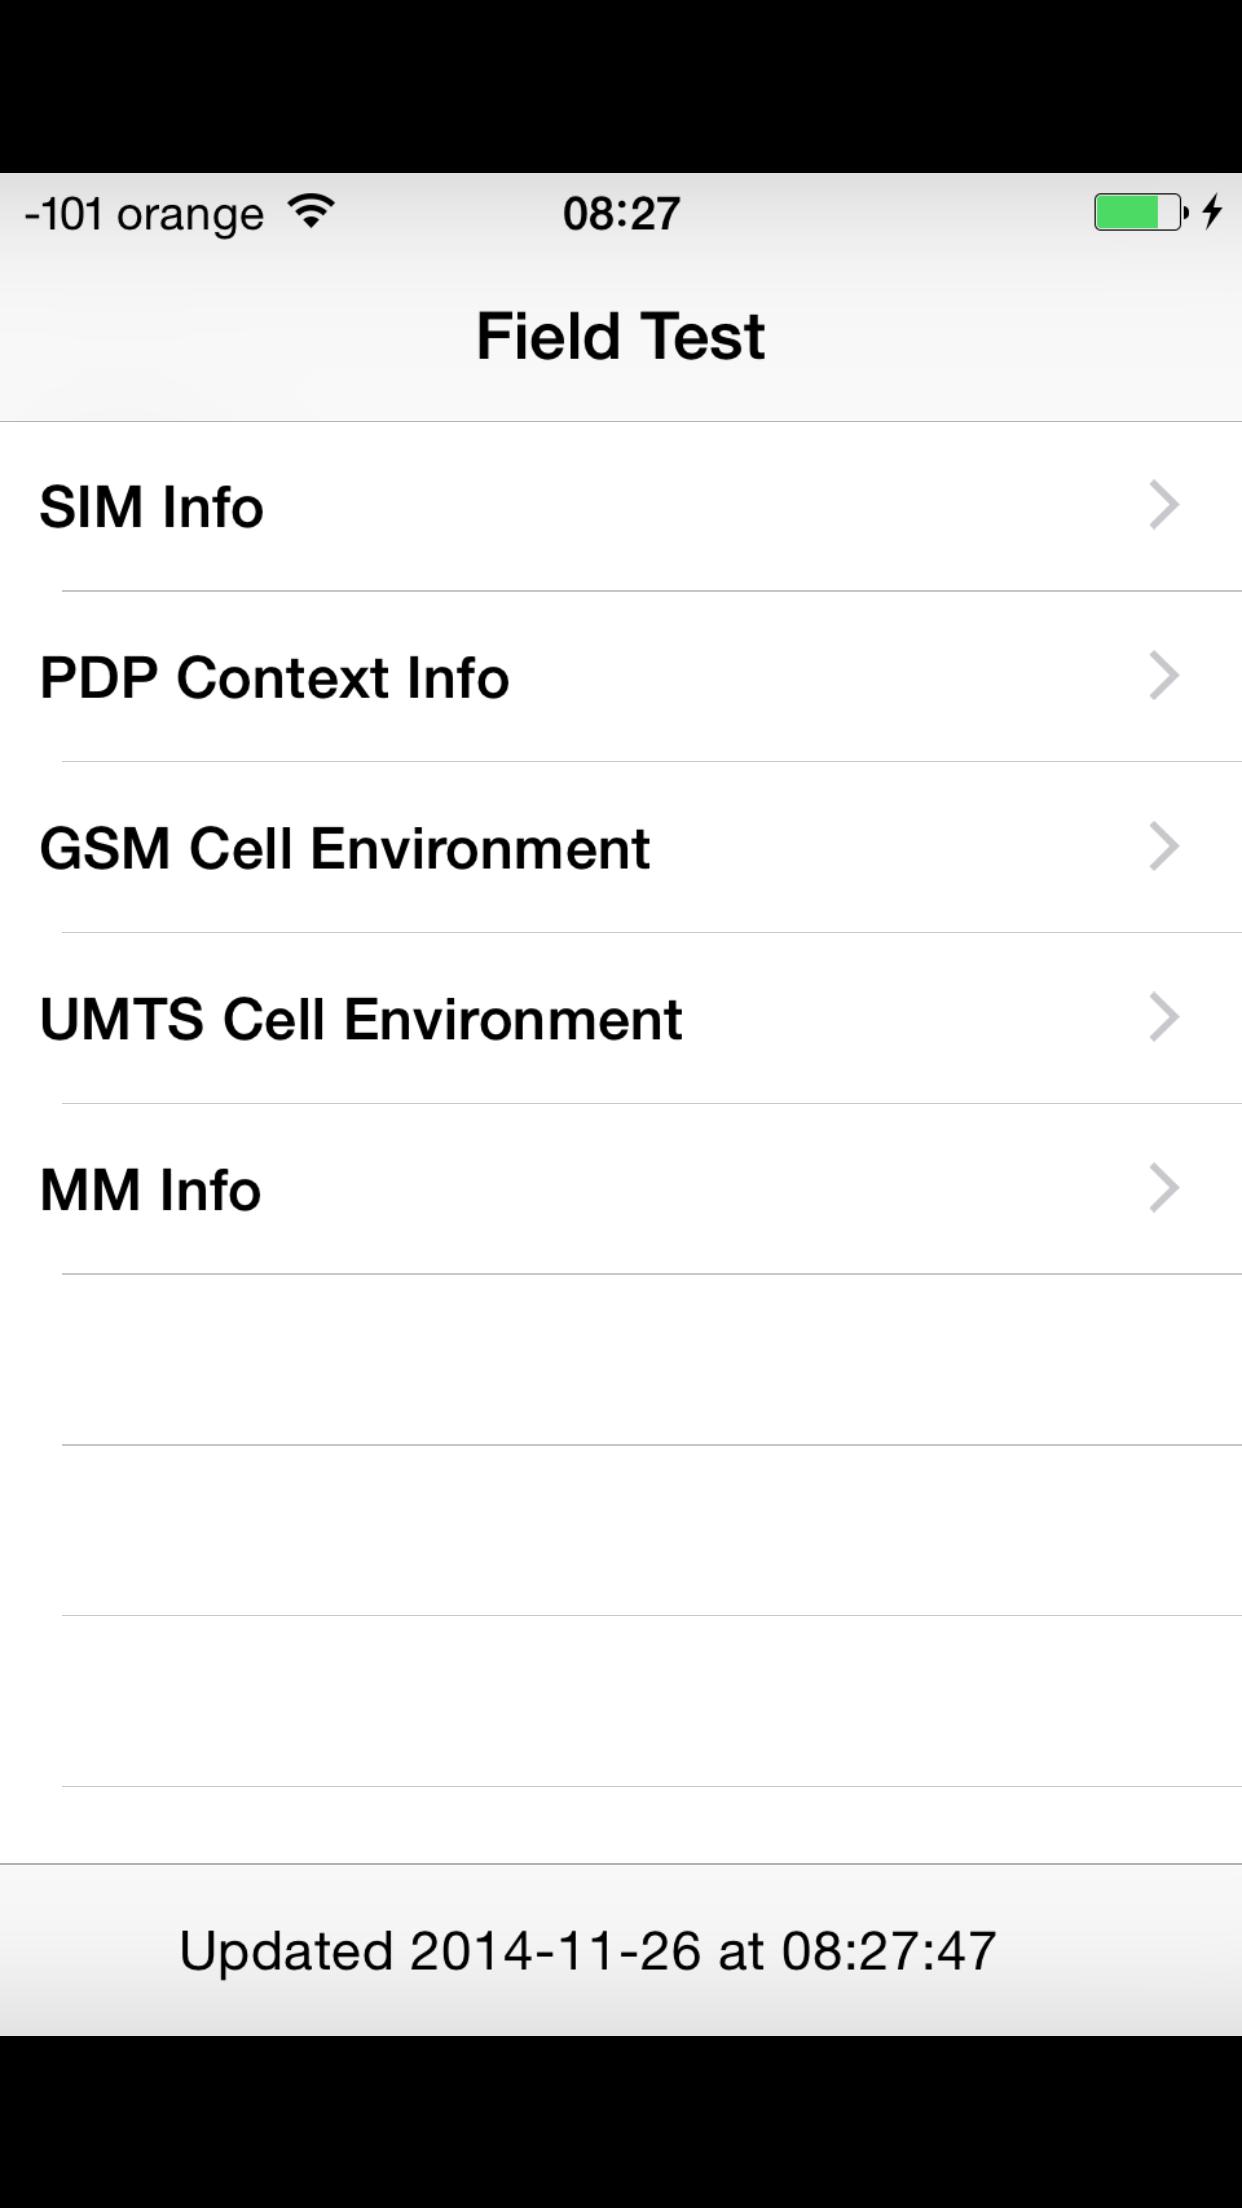 Puterea semnalului GSM in iOS 8